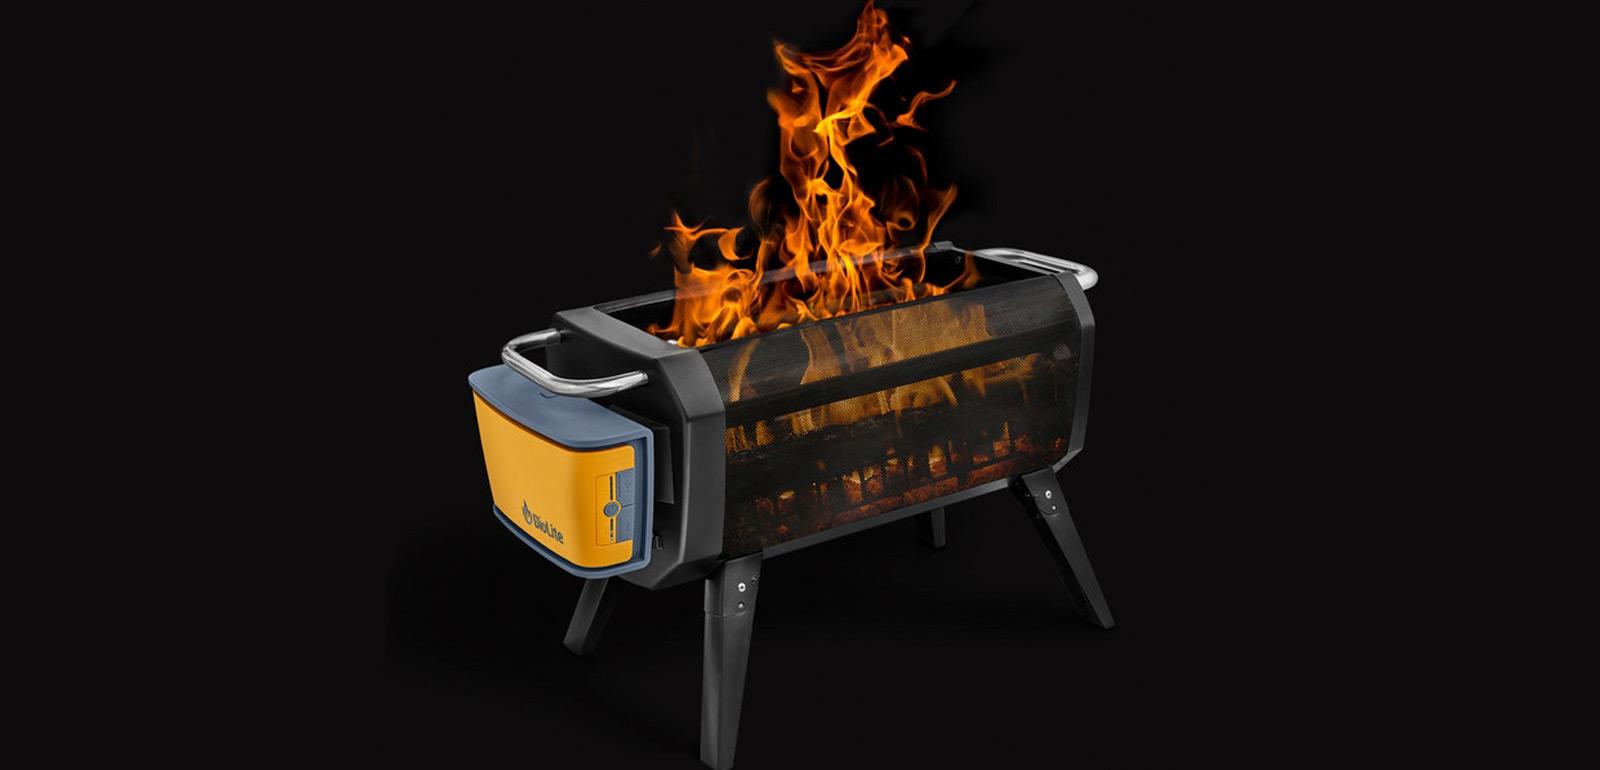 BioLite FirePit Smokeless Wood Fire Pit - IMBOLDN